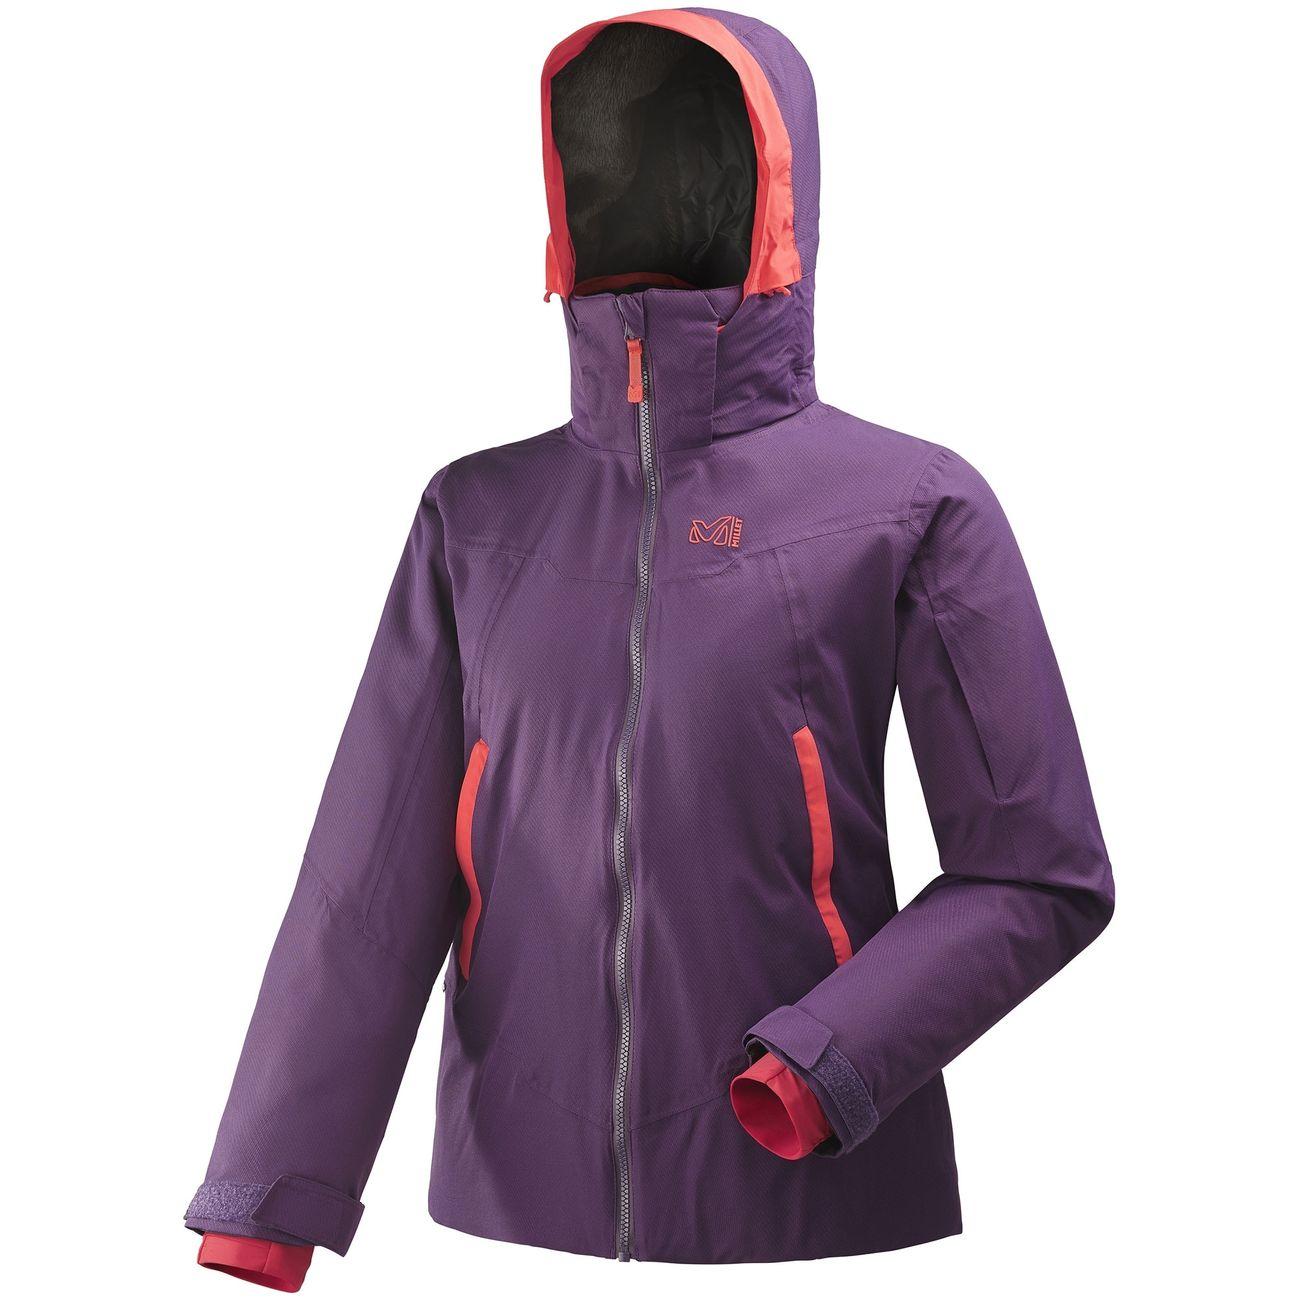 63abbebb39e veste-de-ski-millet-atna-peak-violet-femme 1 v4.jpeg